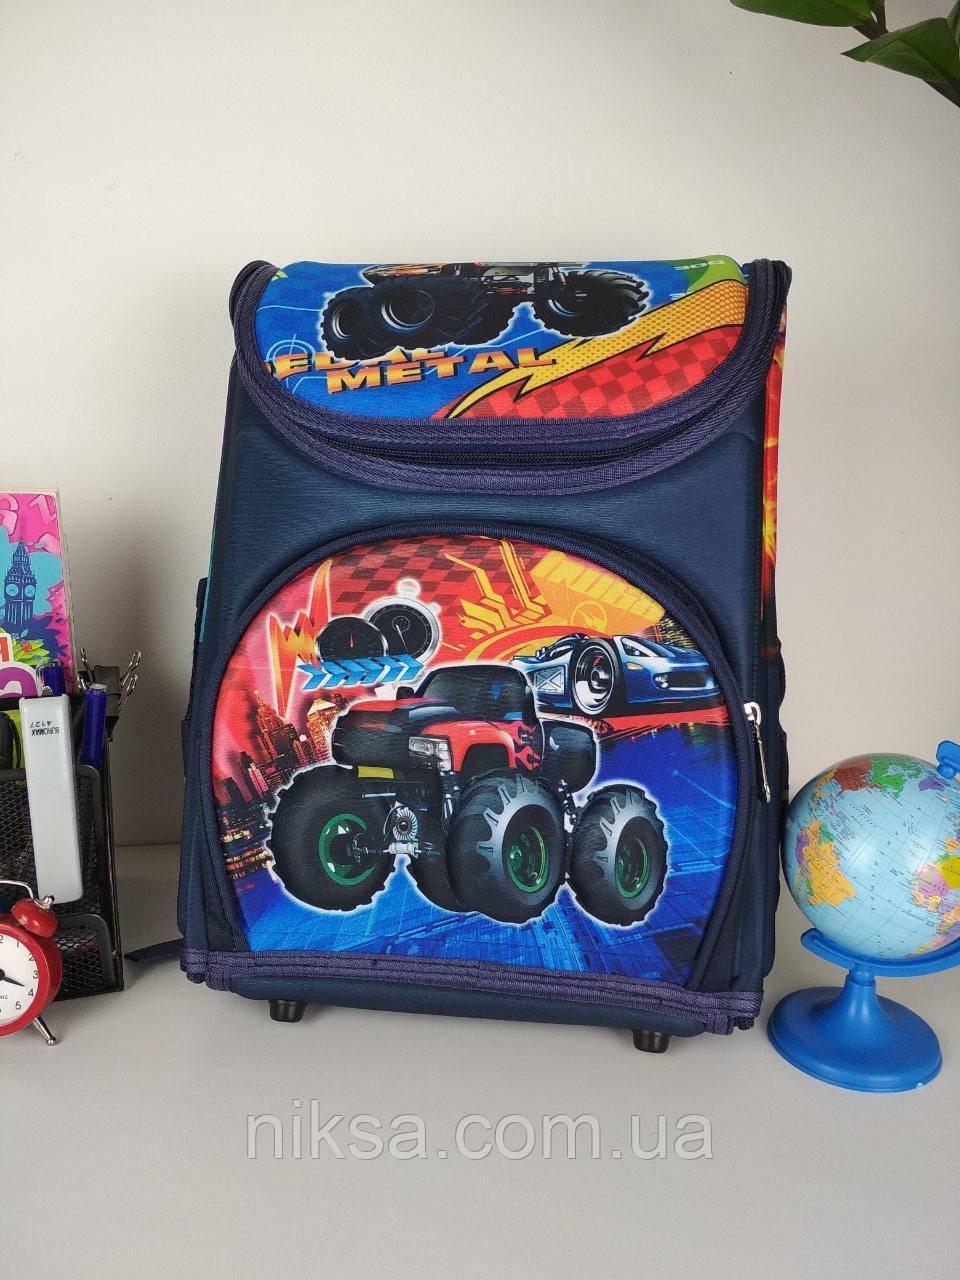 Рюкзак каркасный Машина для мальчиков, каркасный, ортопедическая спинка размер 35х27х20